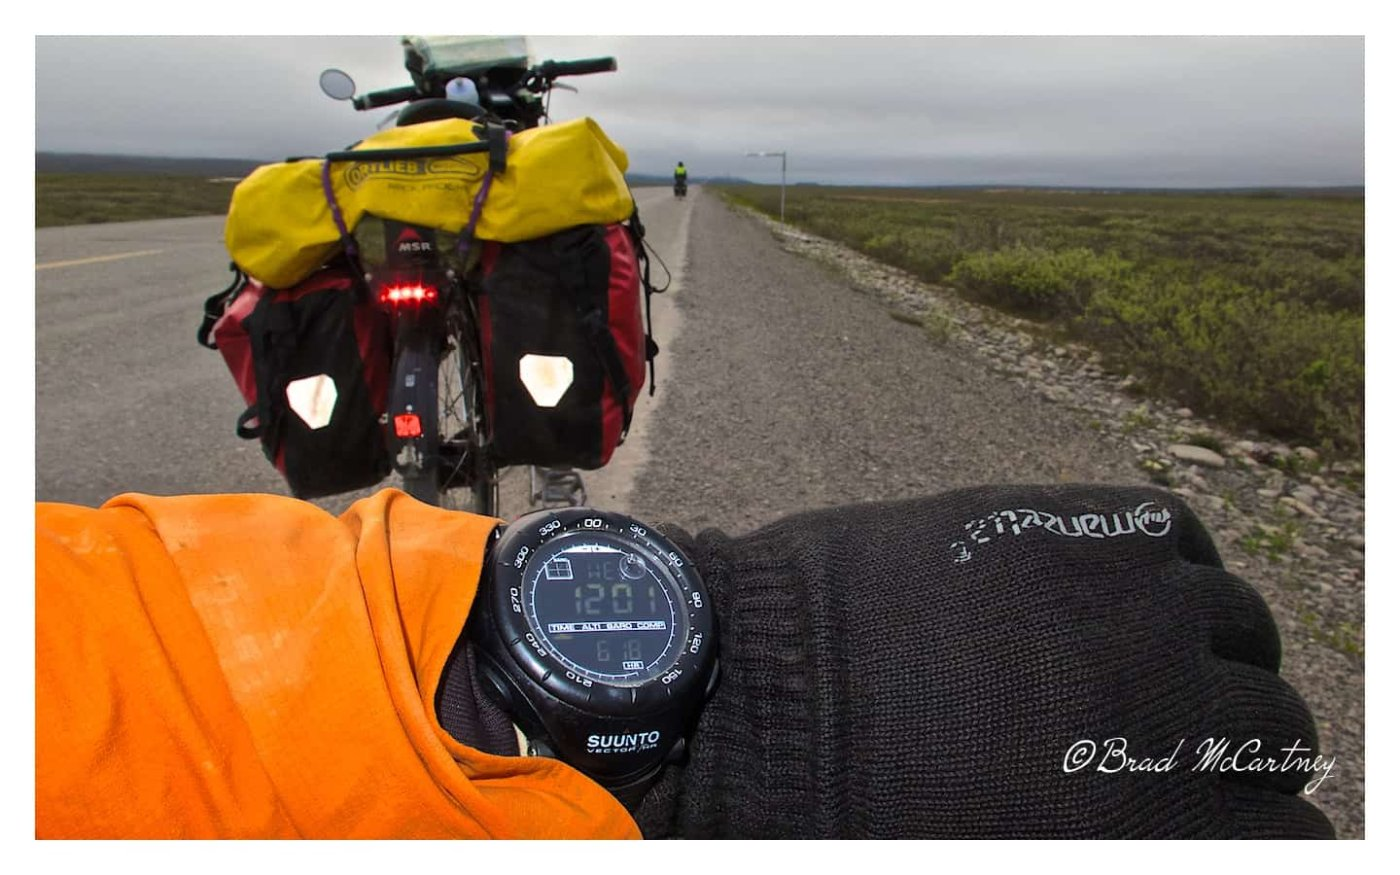 Midnight riding in Alaska